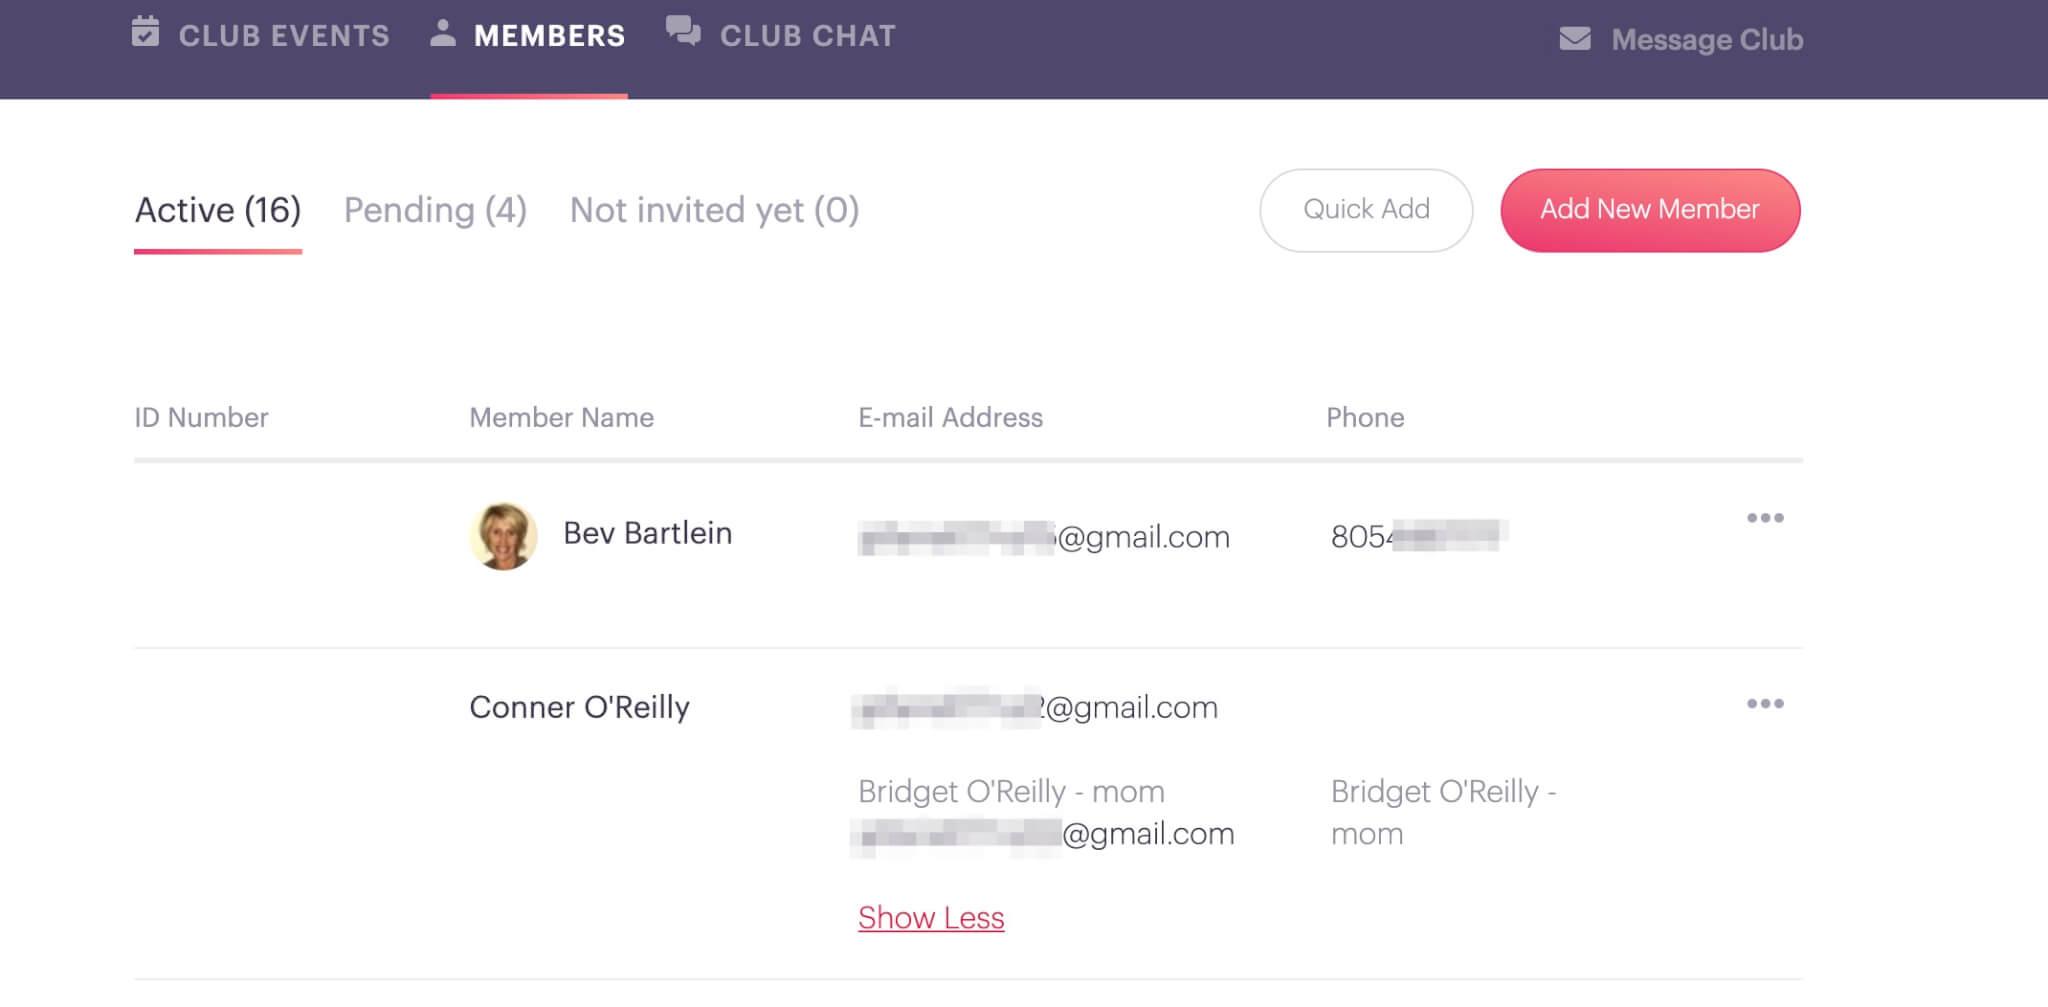 Roster Example Make 4-H Volunteering Easier PlanHero Club Tool